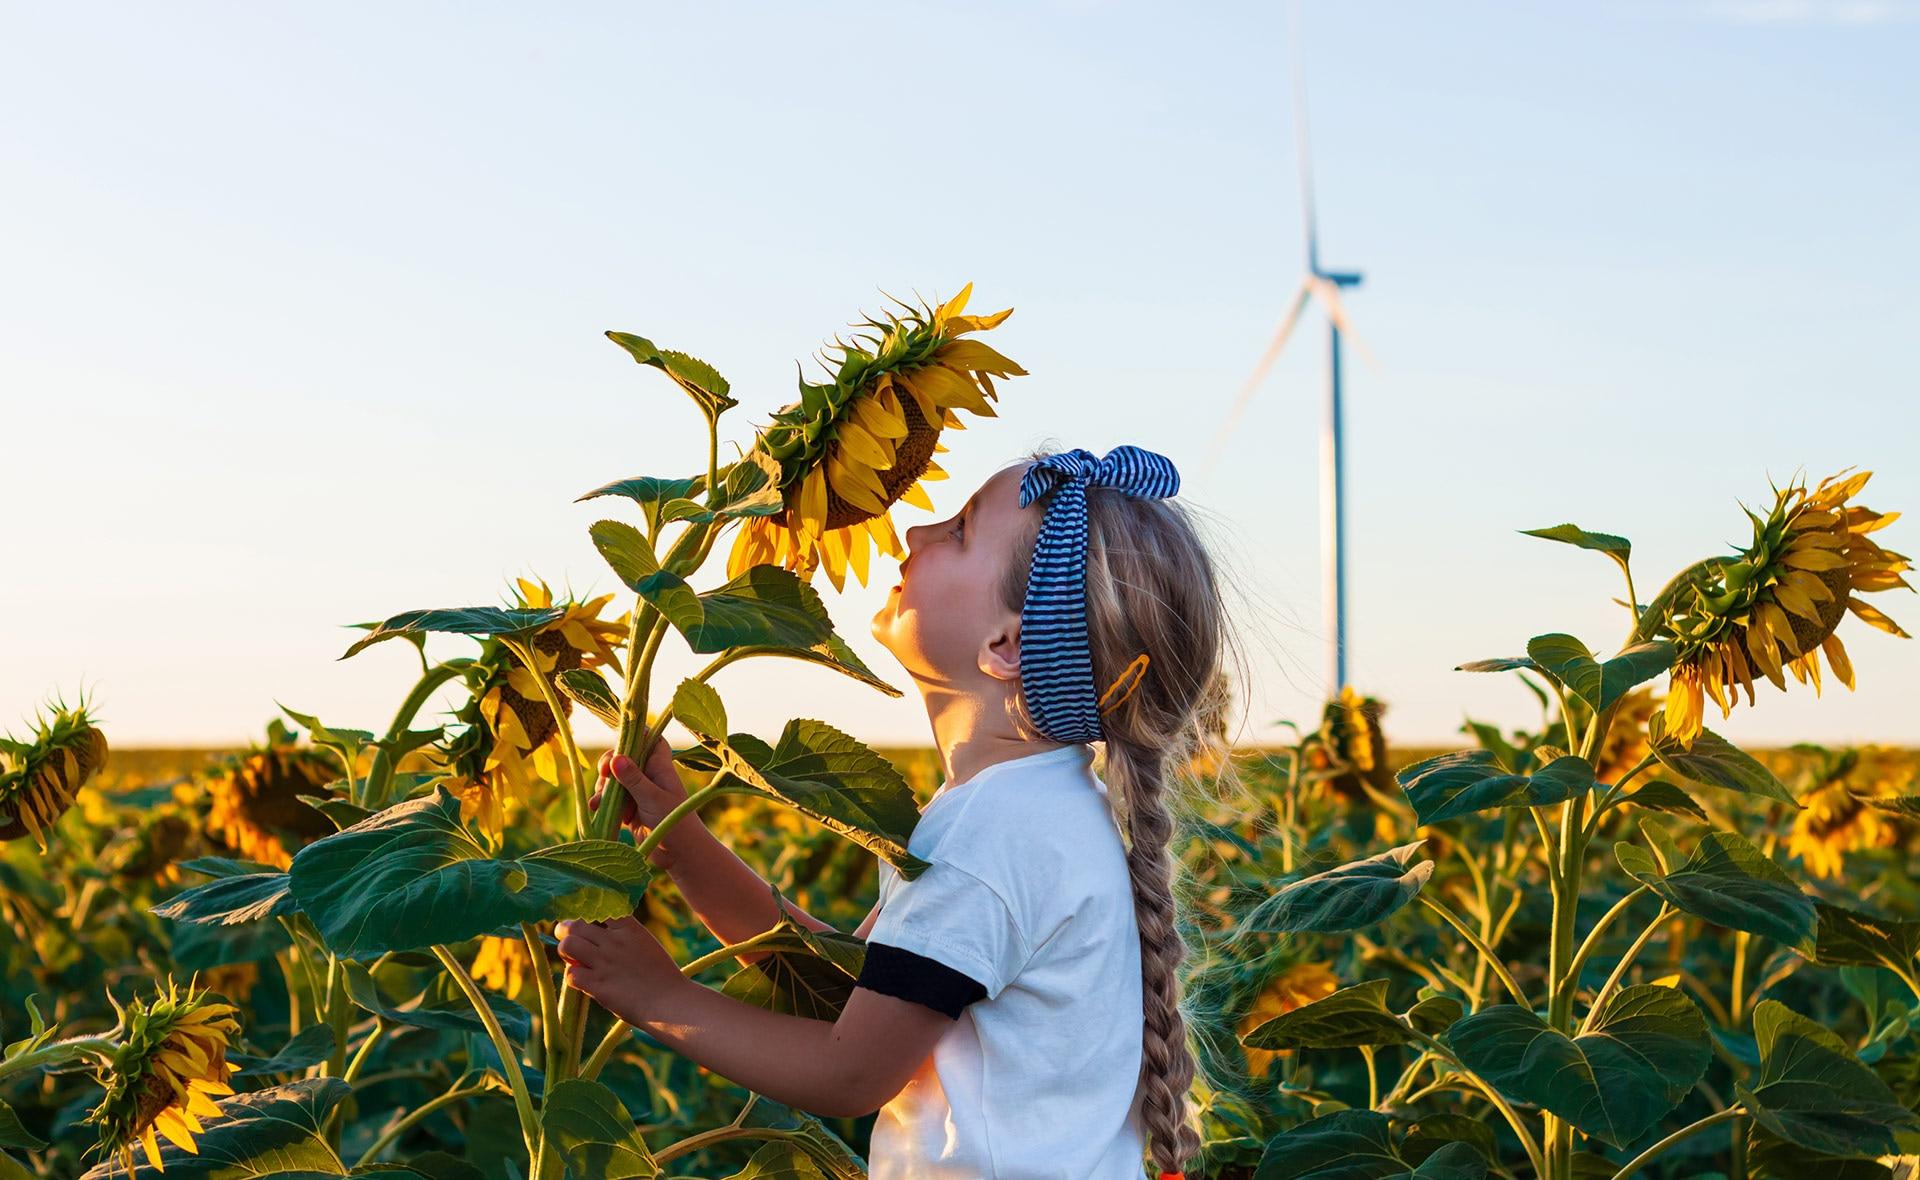 BBVA-diez-paises-transicion-energetica-apertura-sostenibilidad-naturaleza